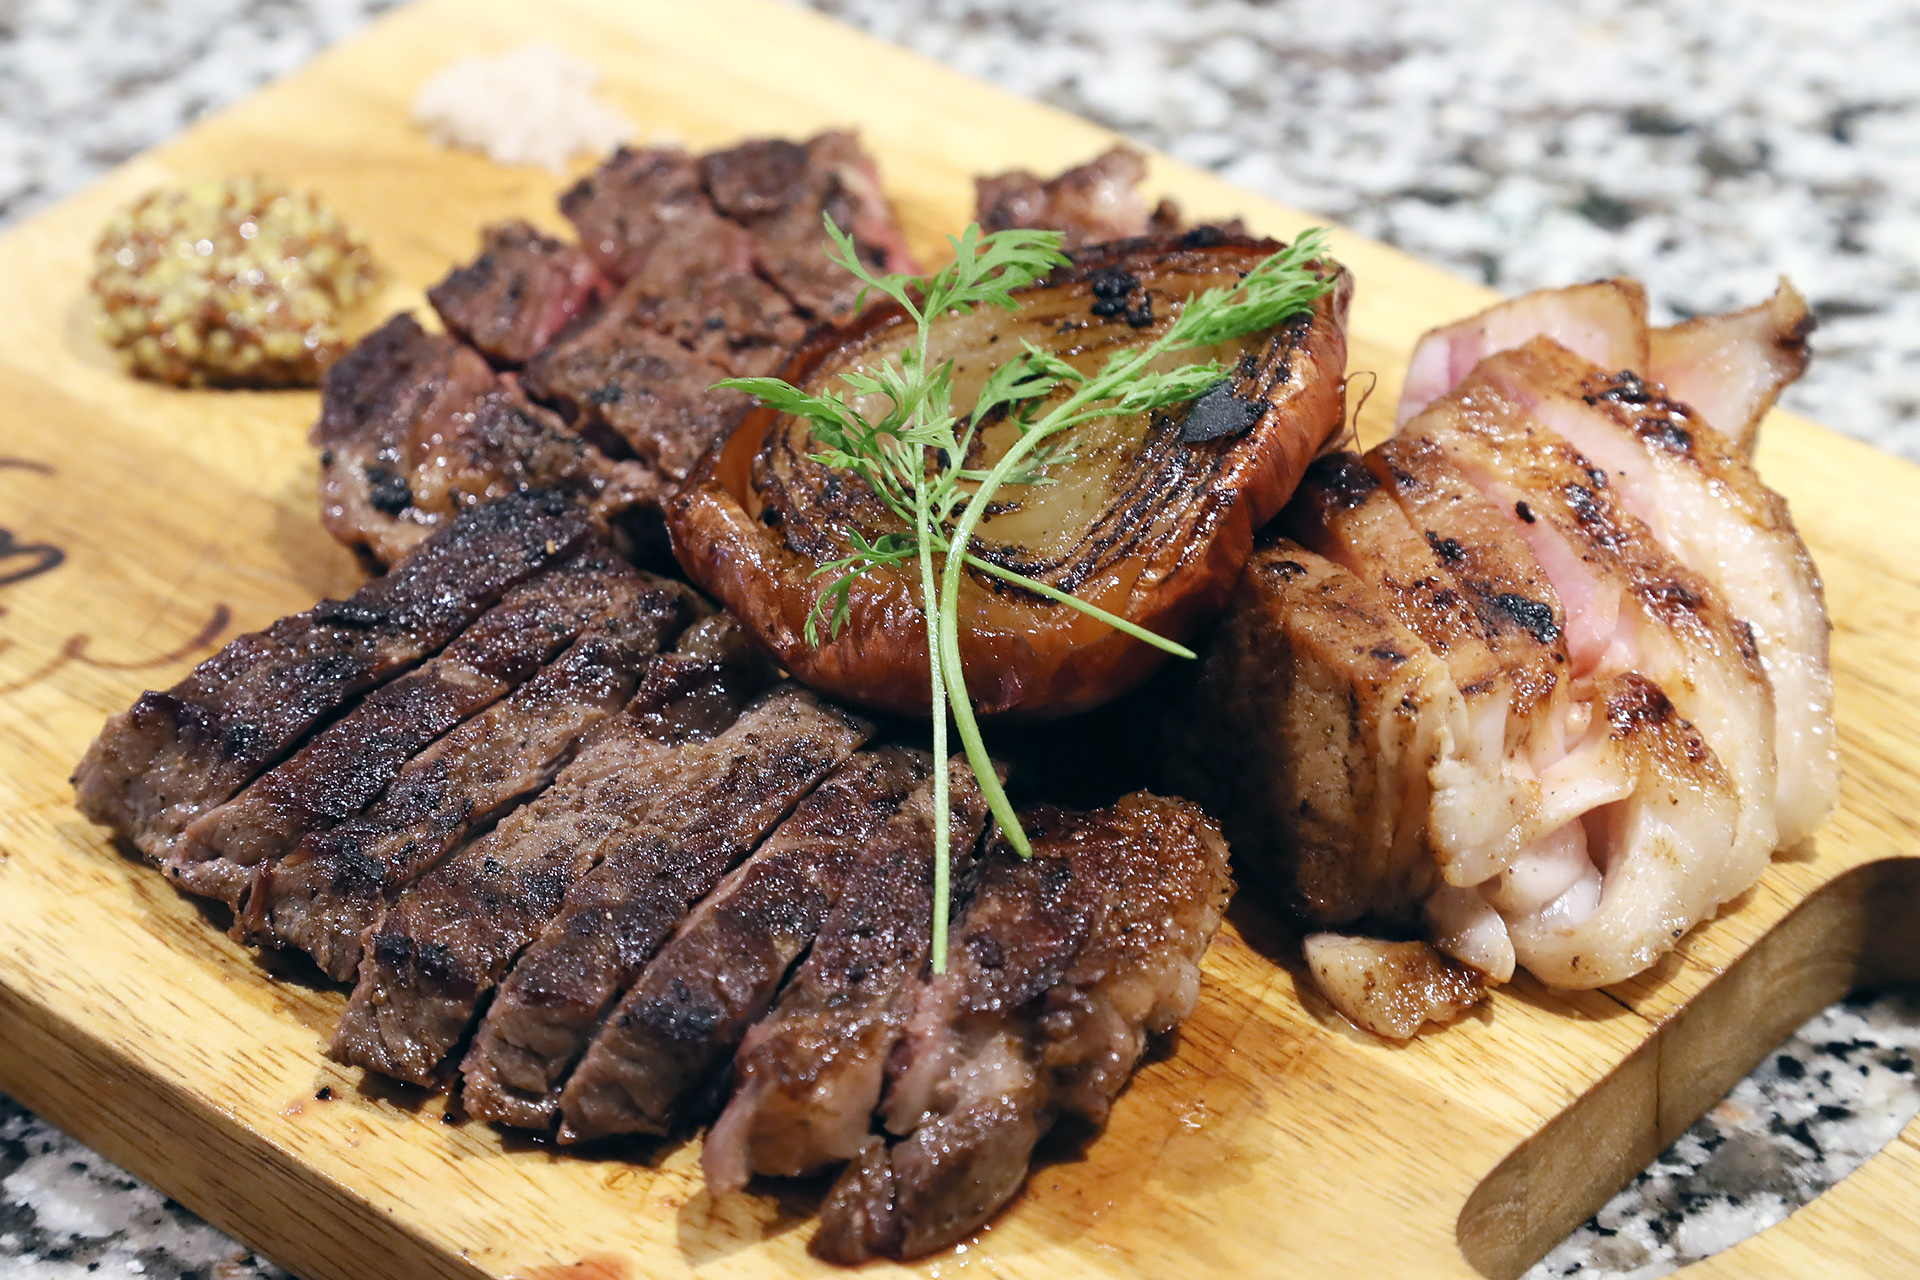 熟成肉の3種盛り合わせ。20日間 熟成ソブロース、15日間 熟成ロース、24日間熟成 豚レボーン